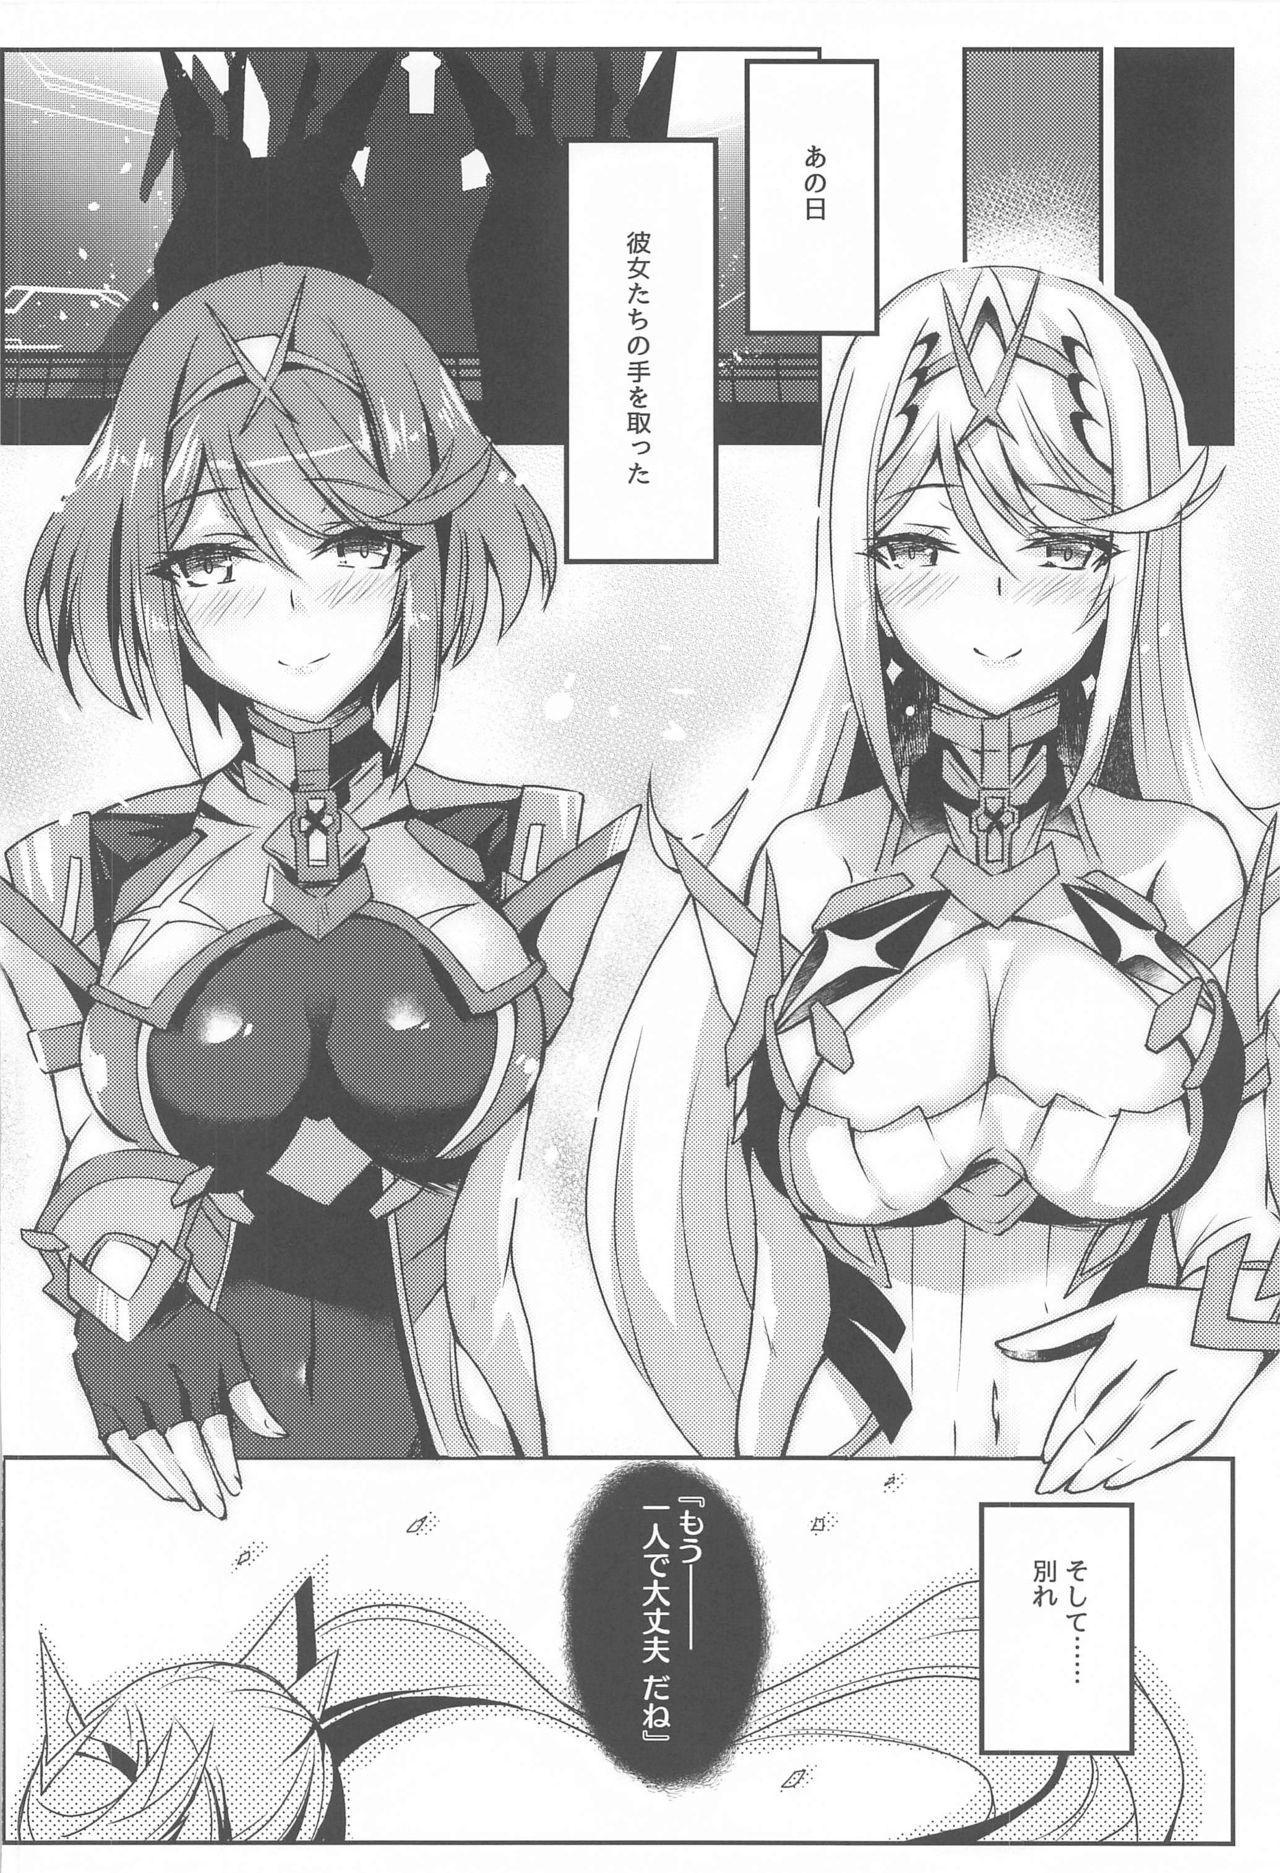 Pneuma-chan no Ecchi Hon 2